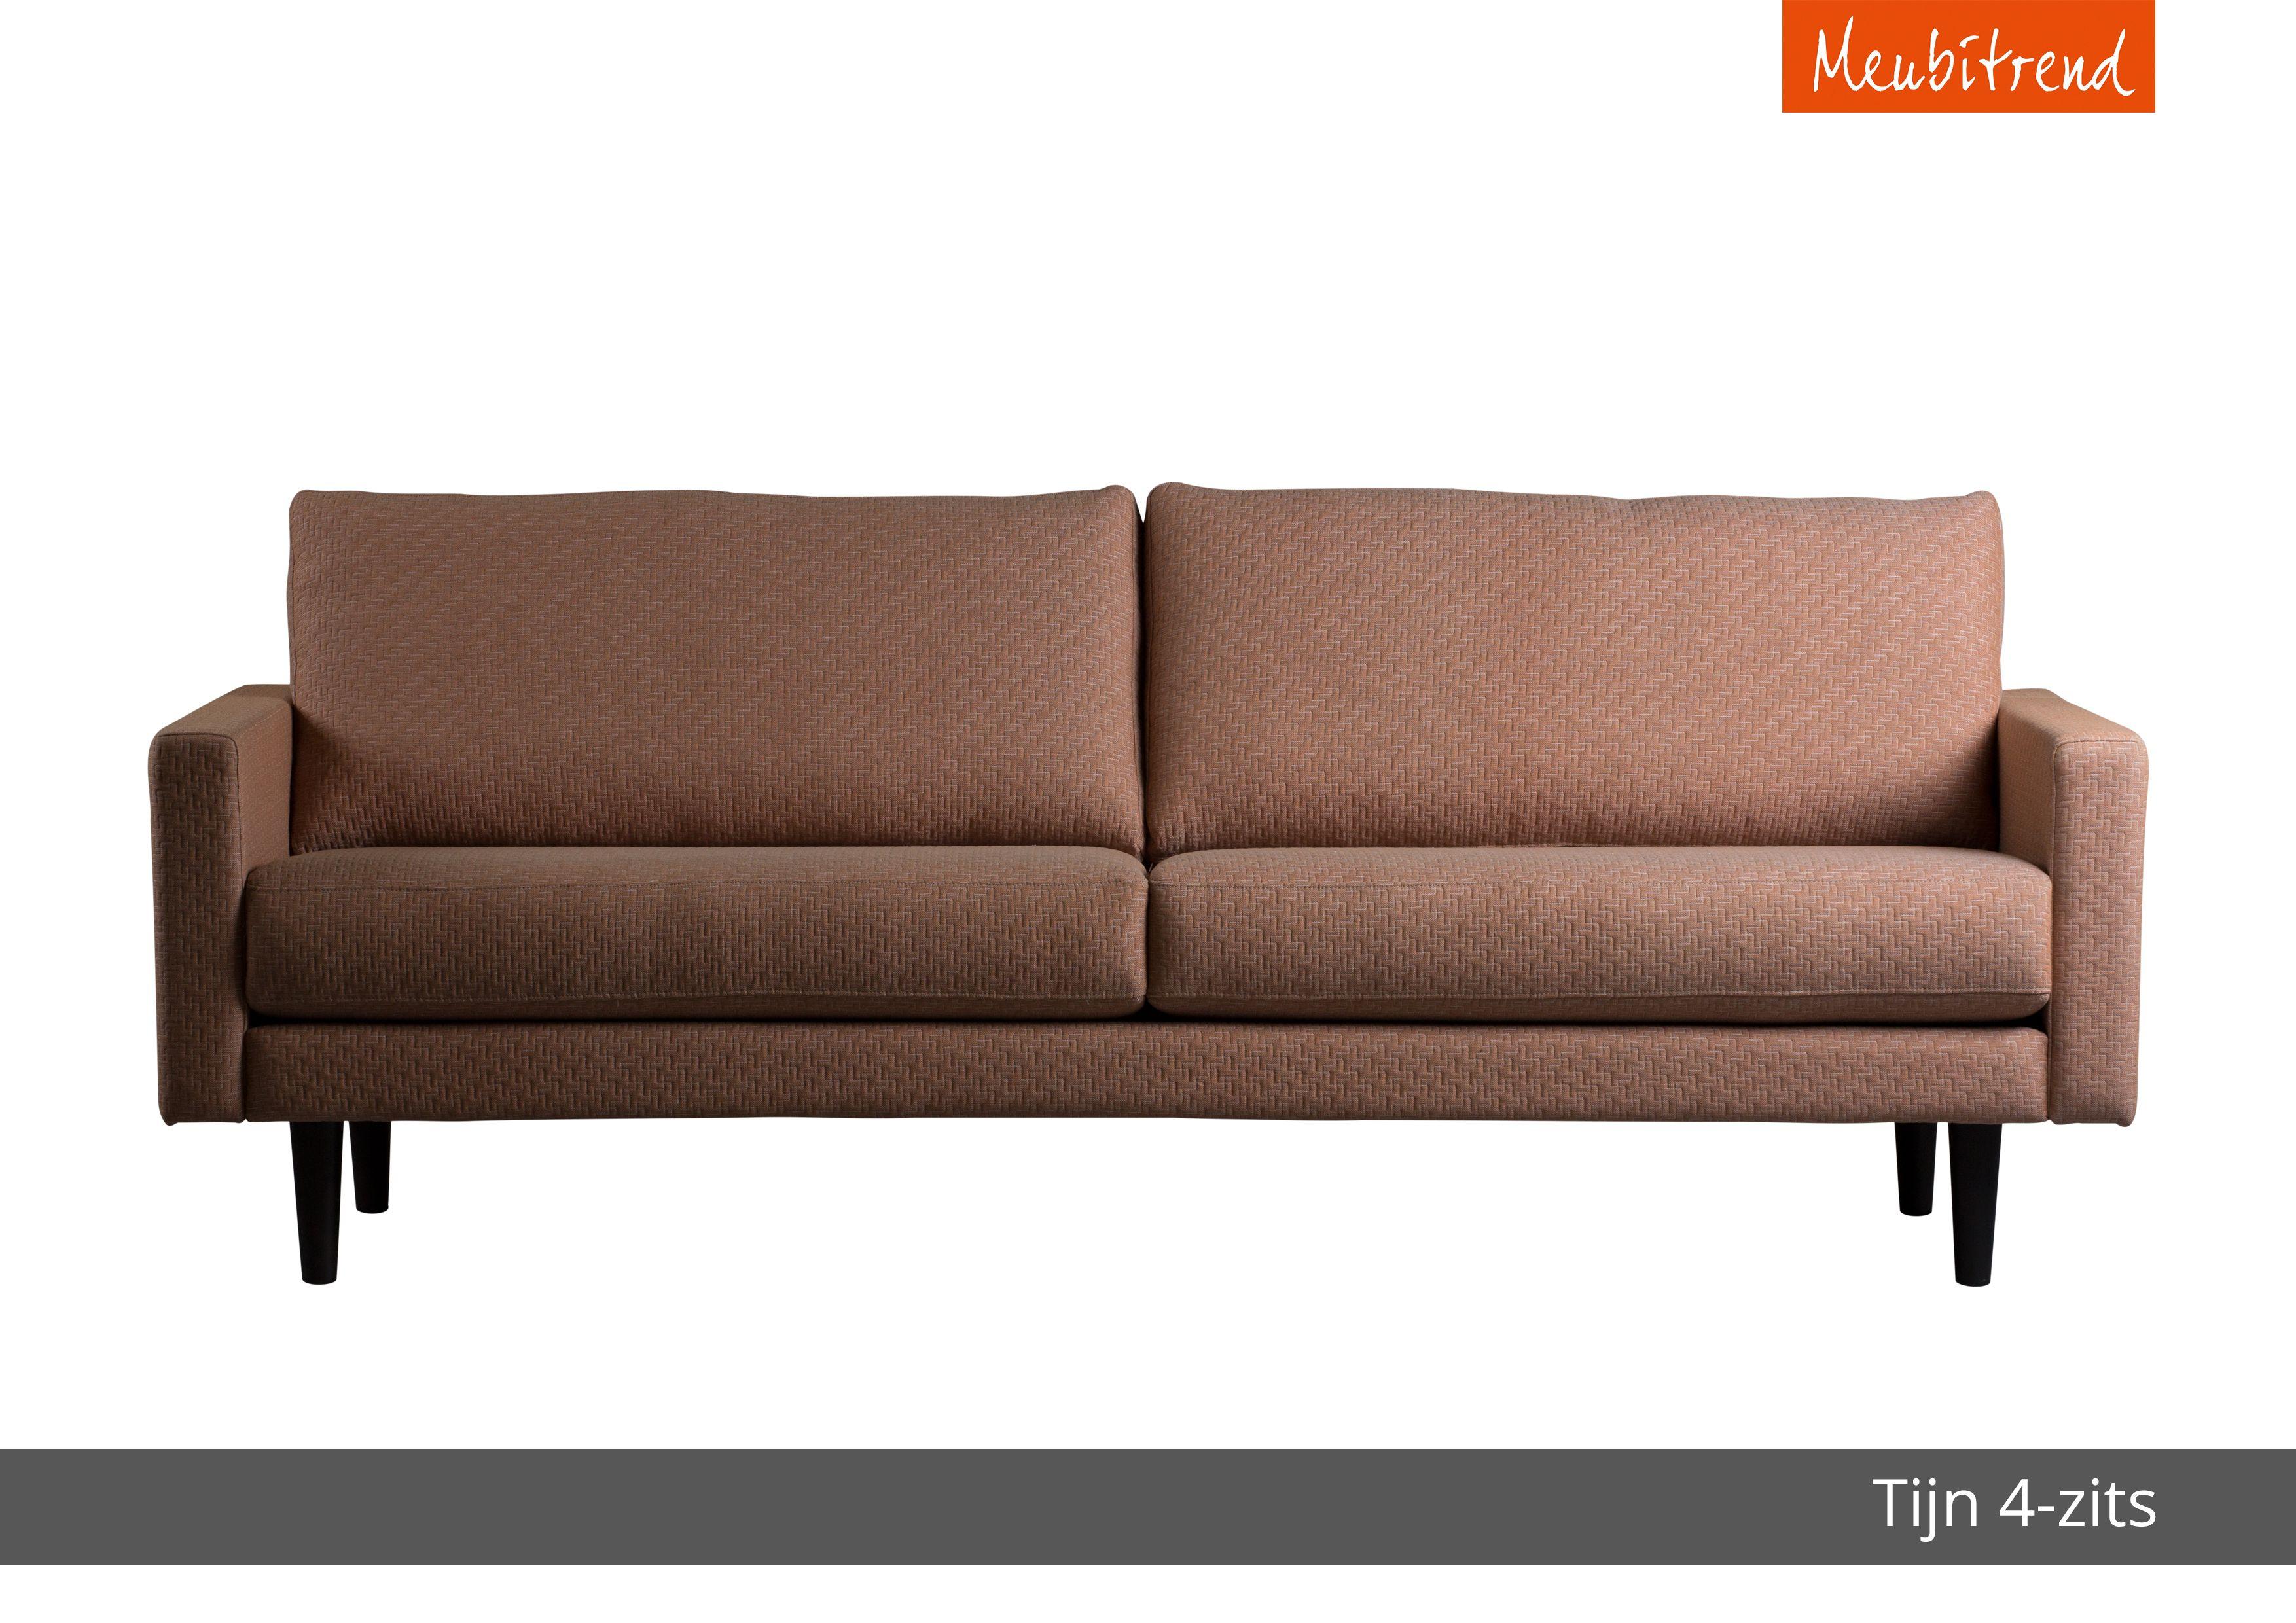 Tijn, bank, industrieel, bruin, sofa, modern, knopen, Scandinavisch ...